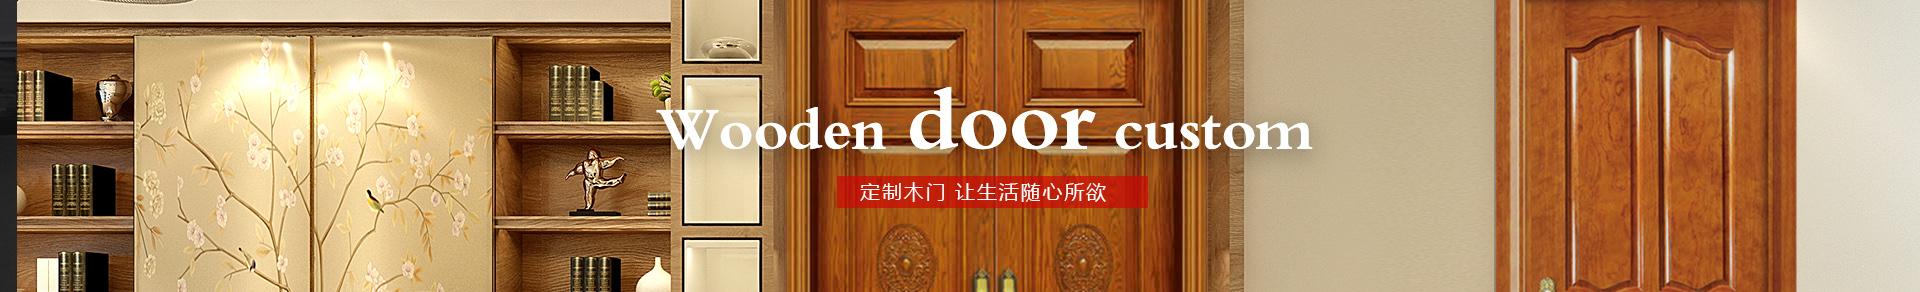 http://www.senyuanmenye.com/data/images/slide/20191018164516_215.jpg